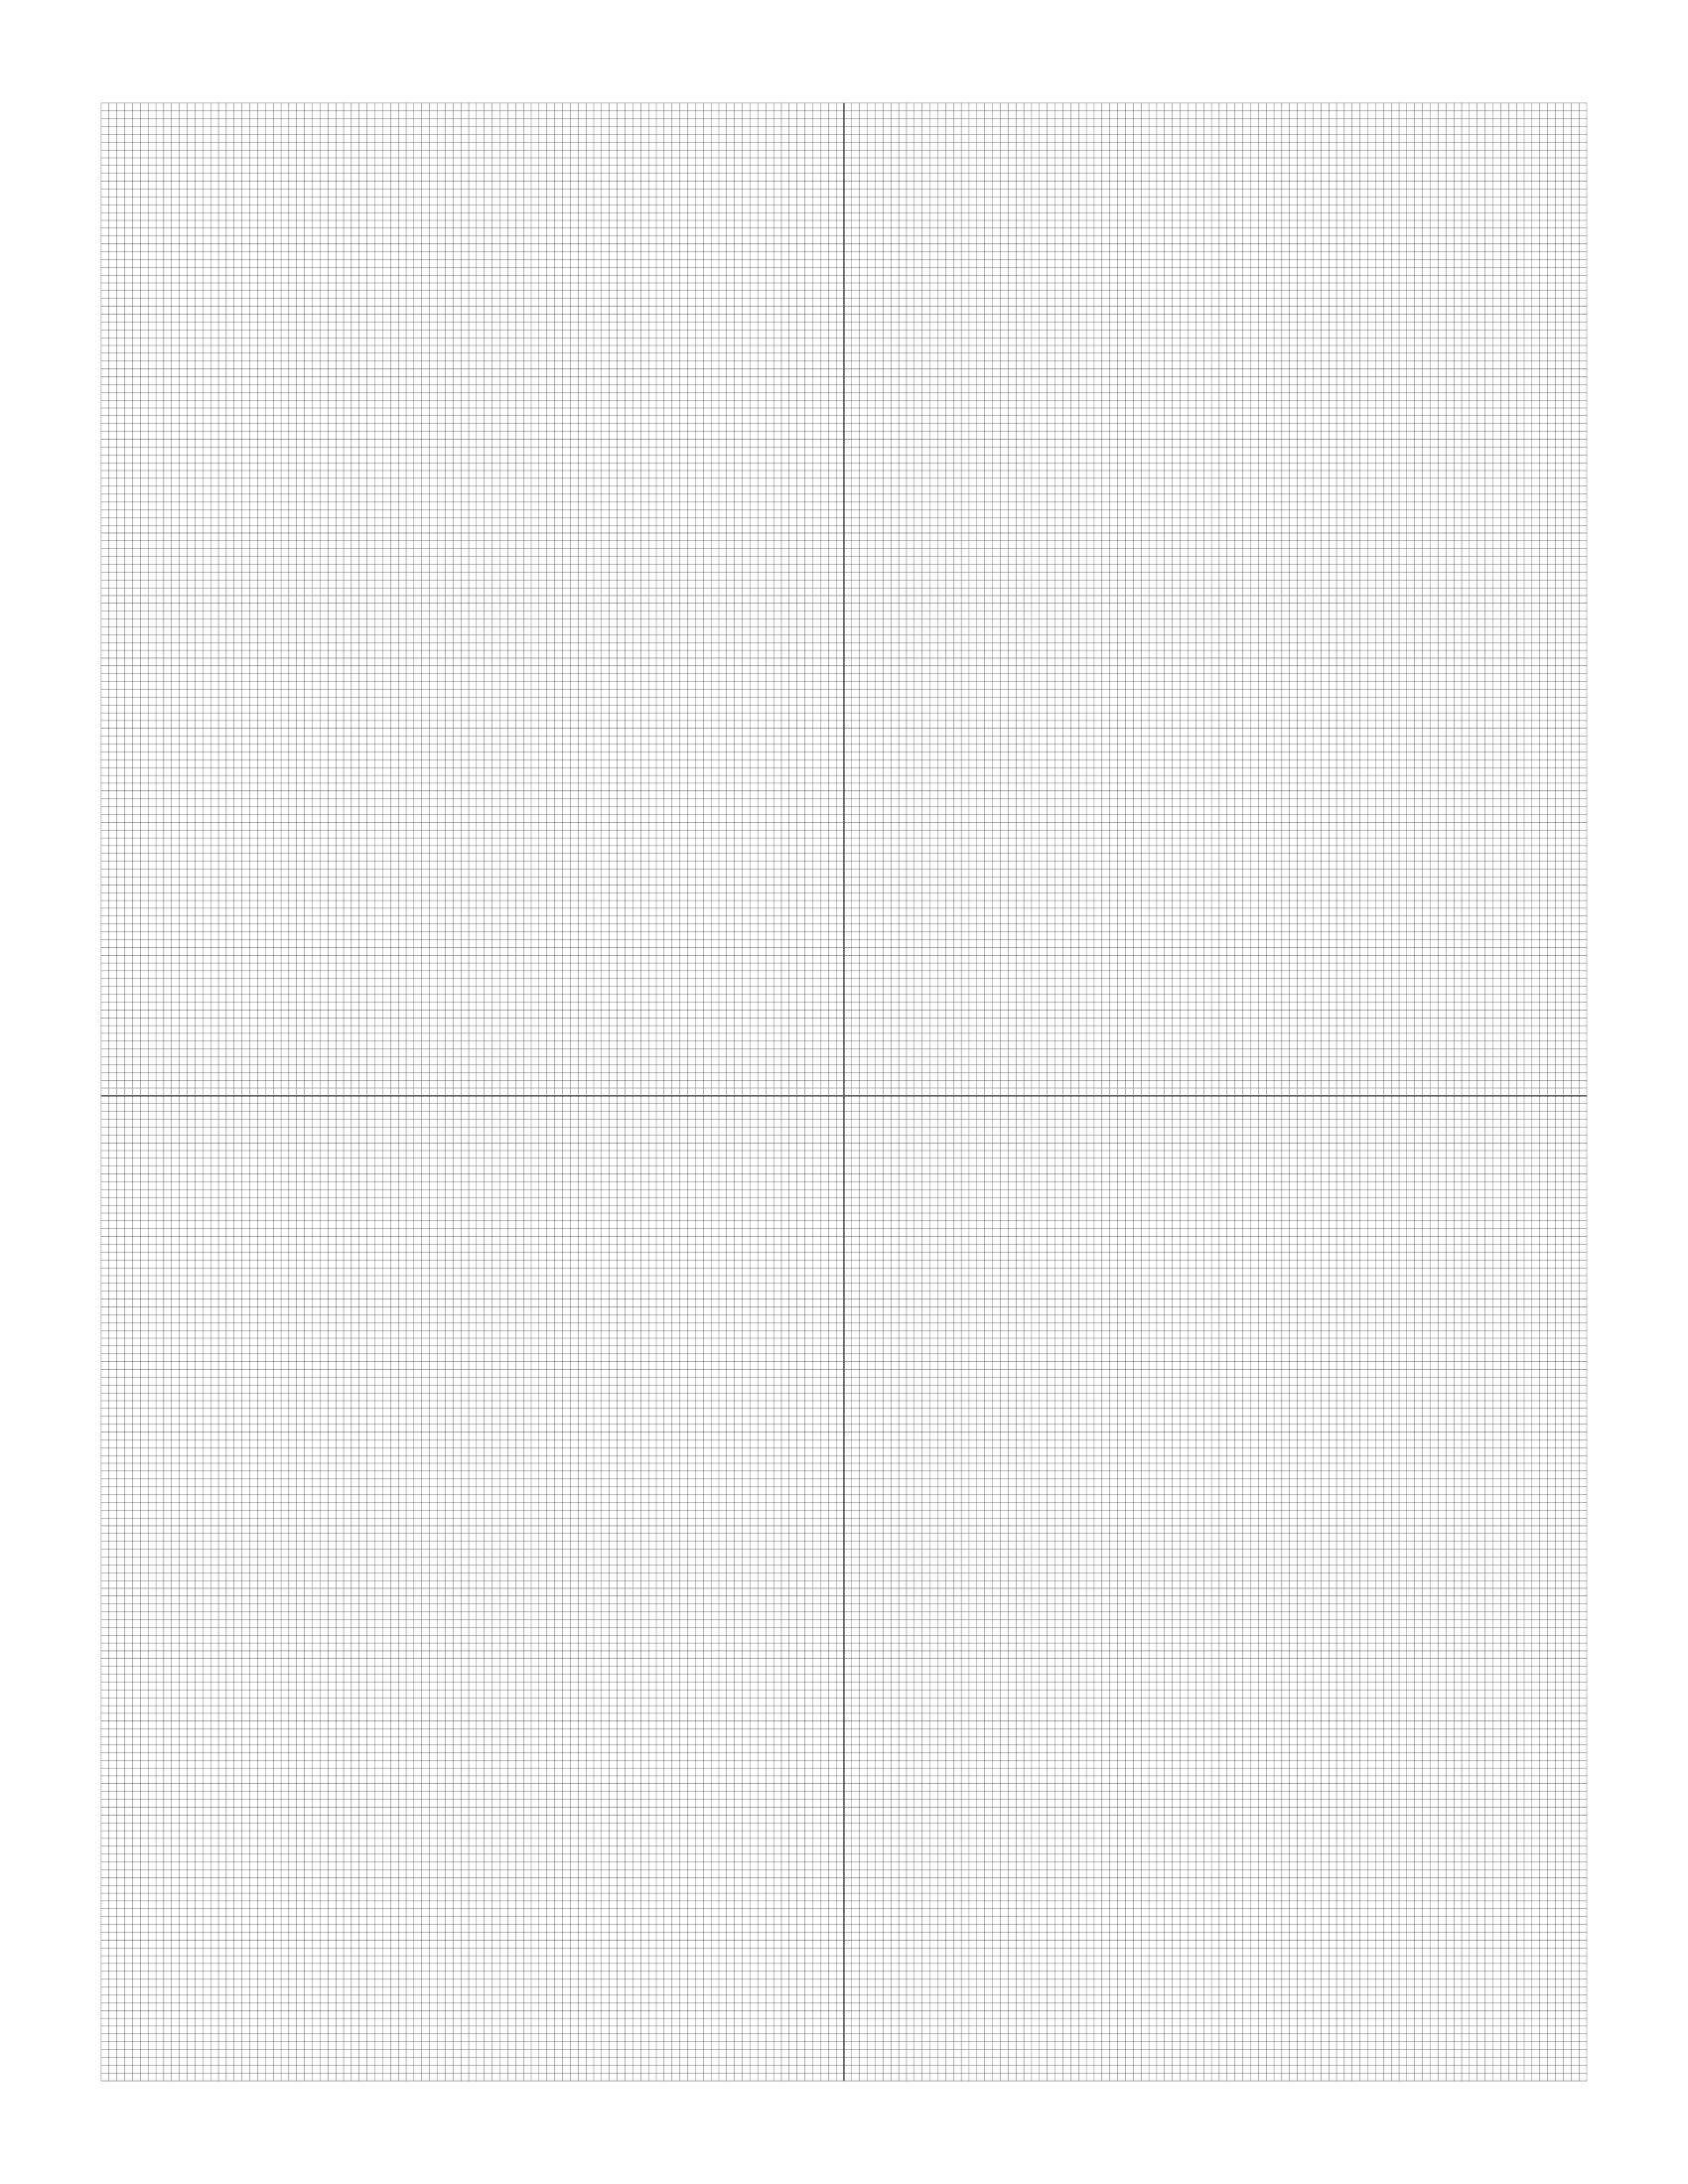 Free Online Graph Paper / Plain.